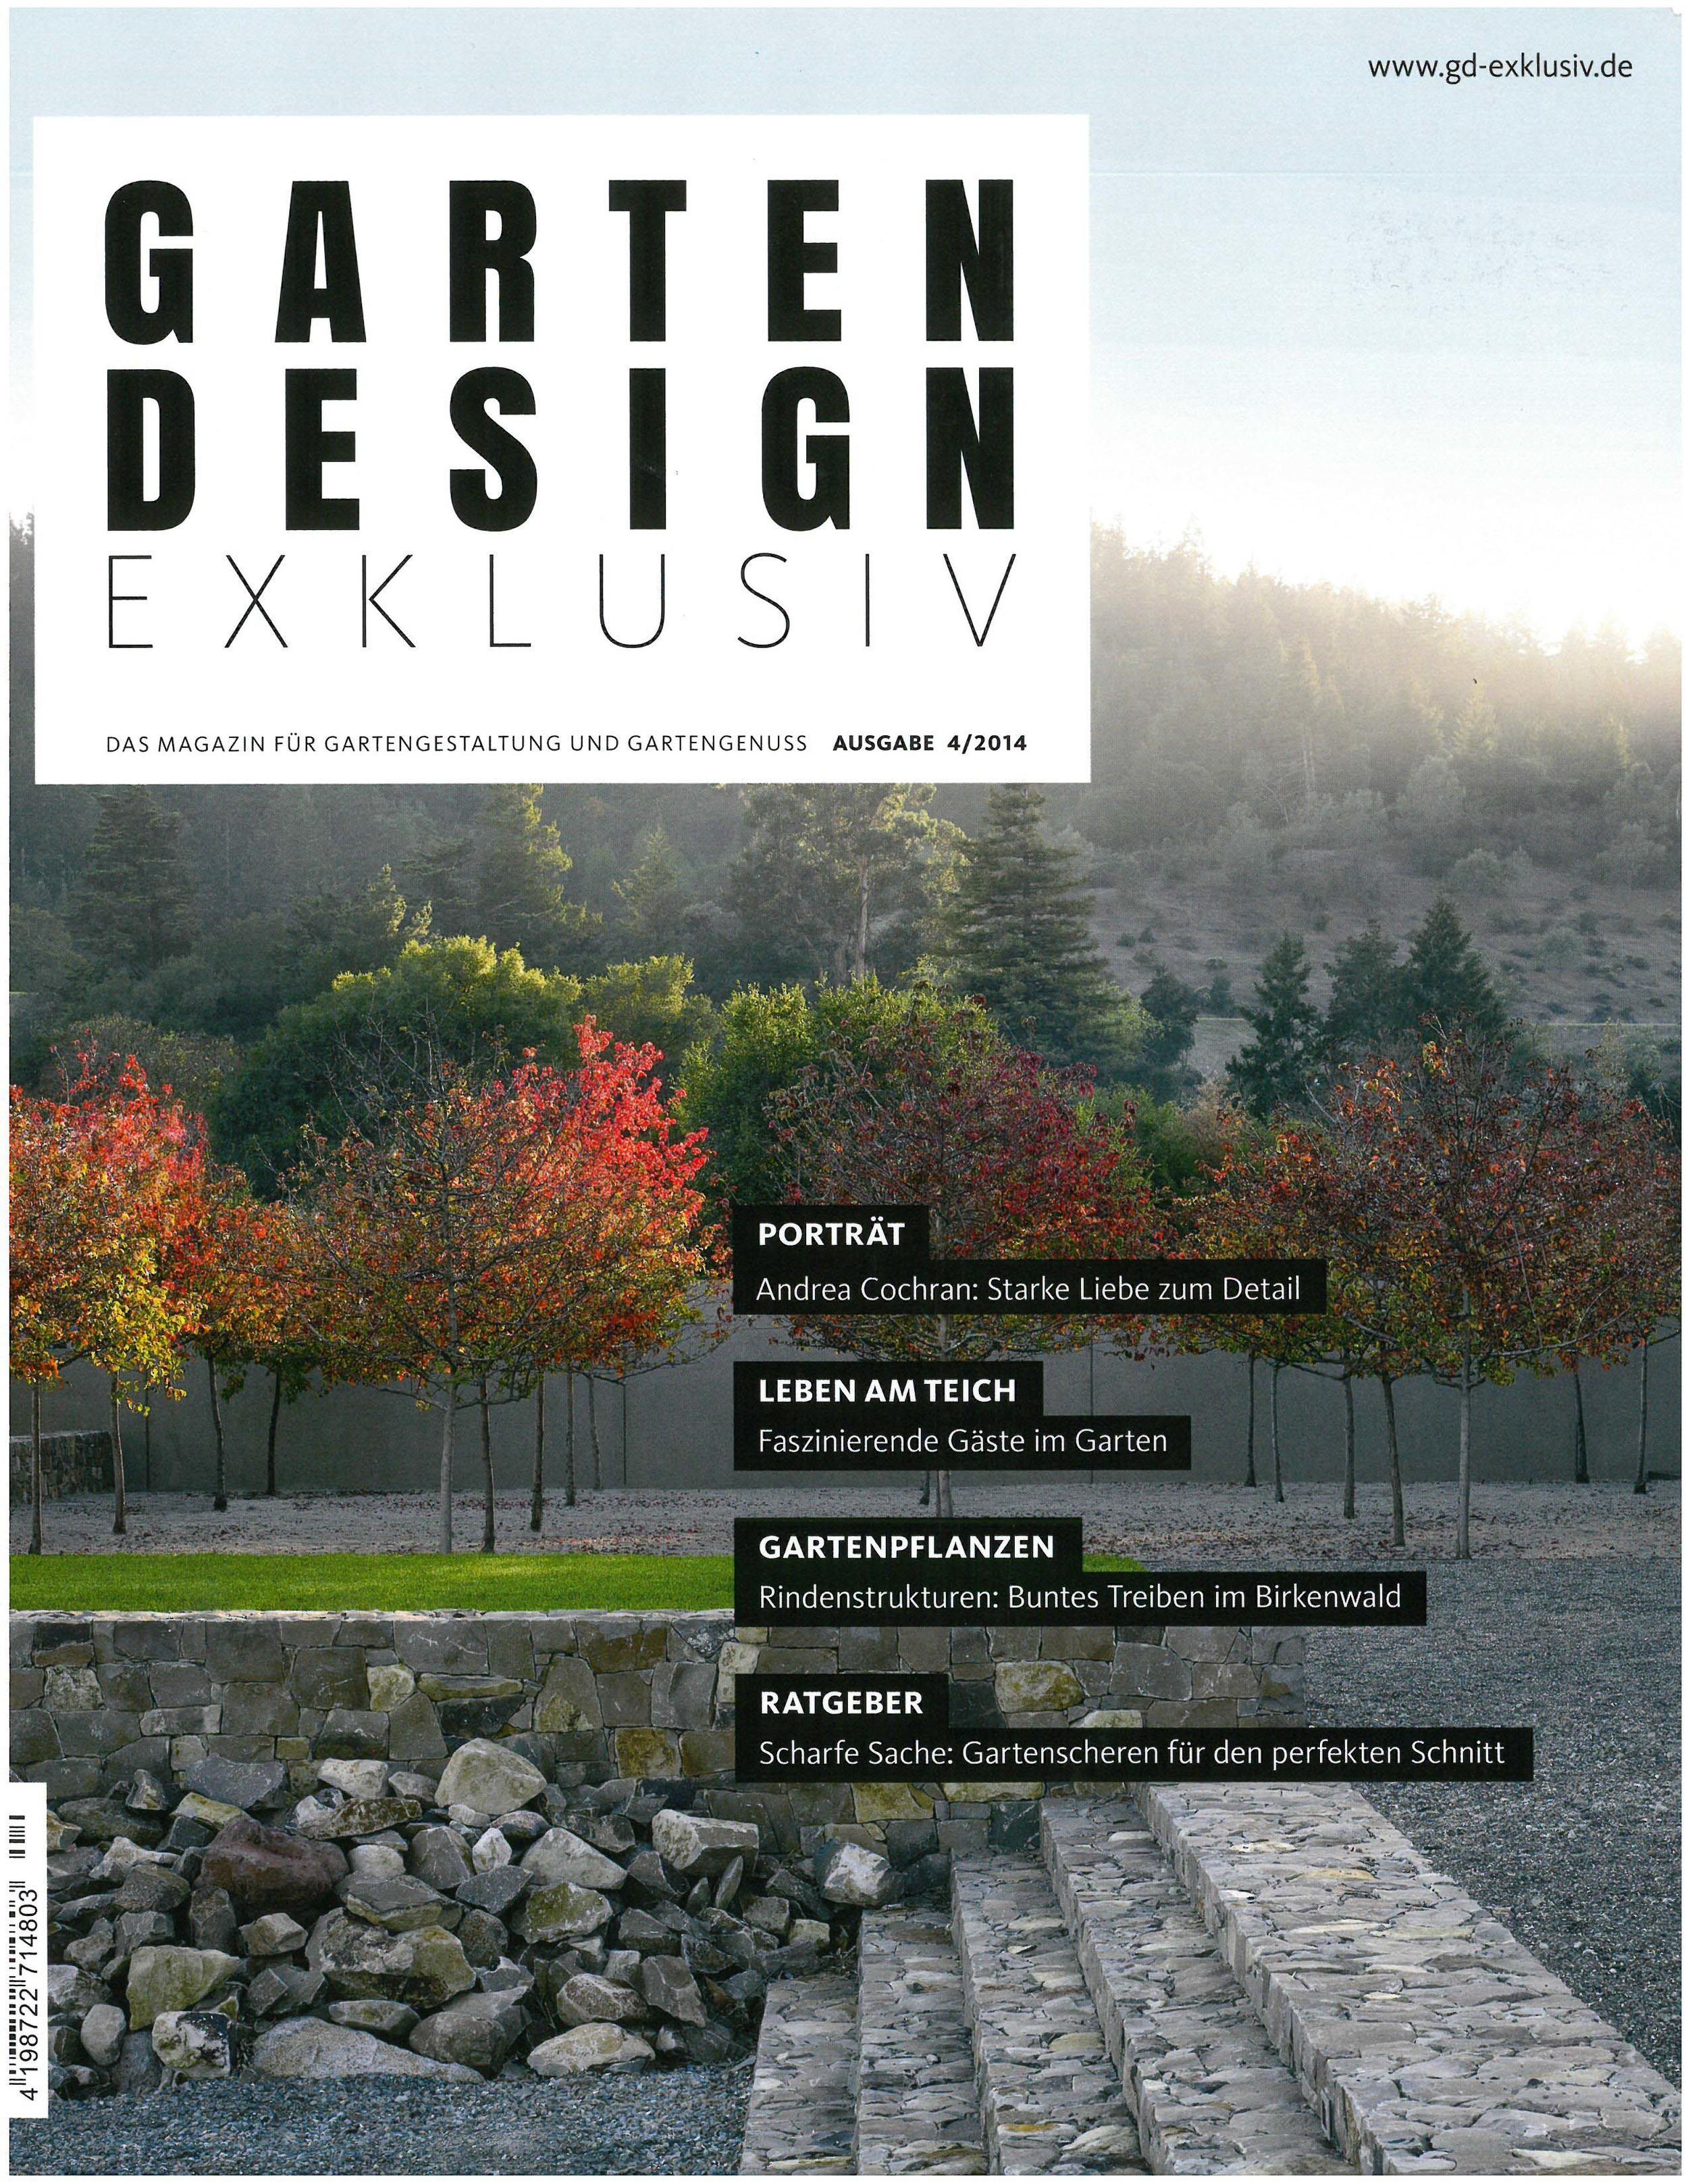 Garten Design Exklusiv Cover.jpg